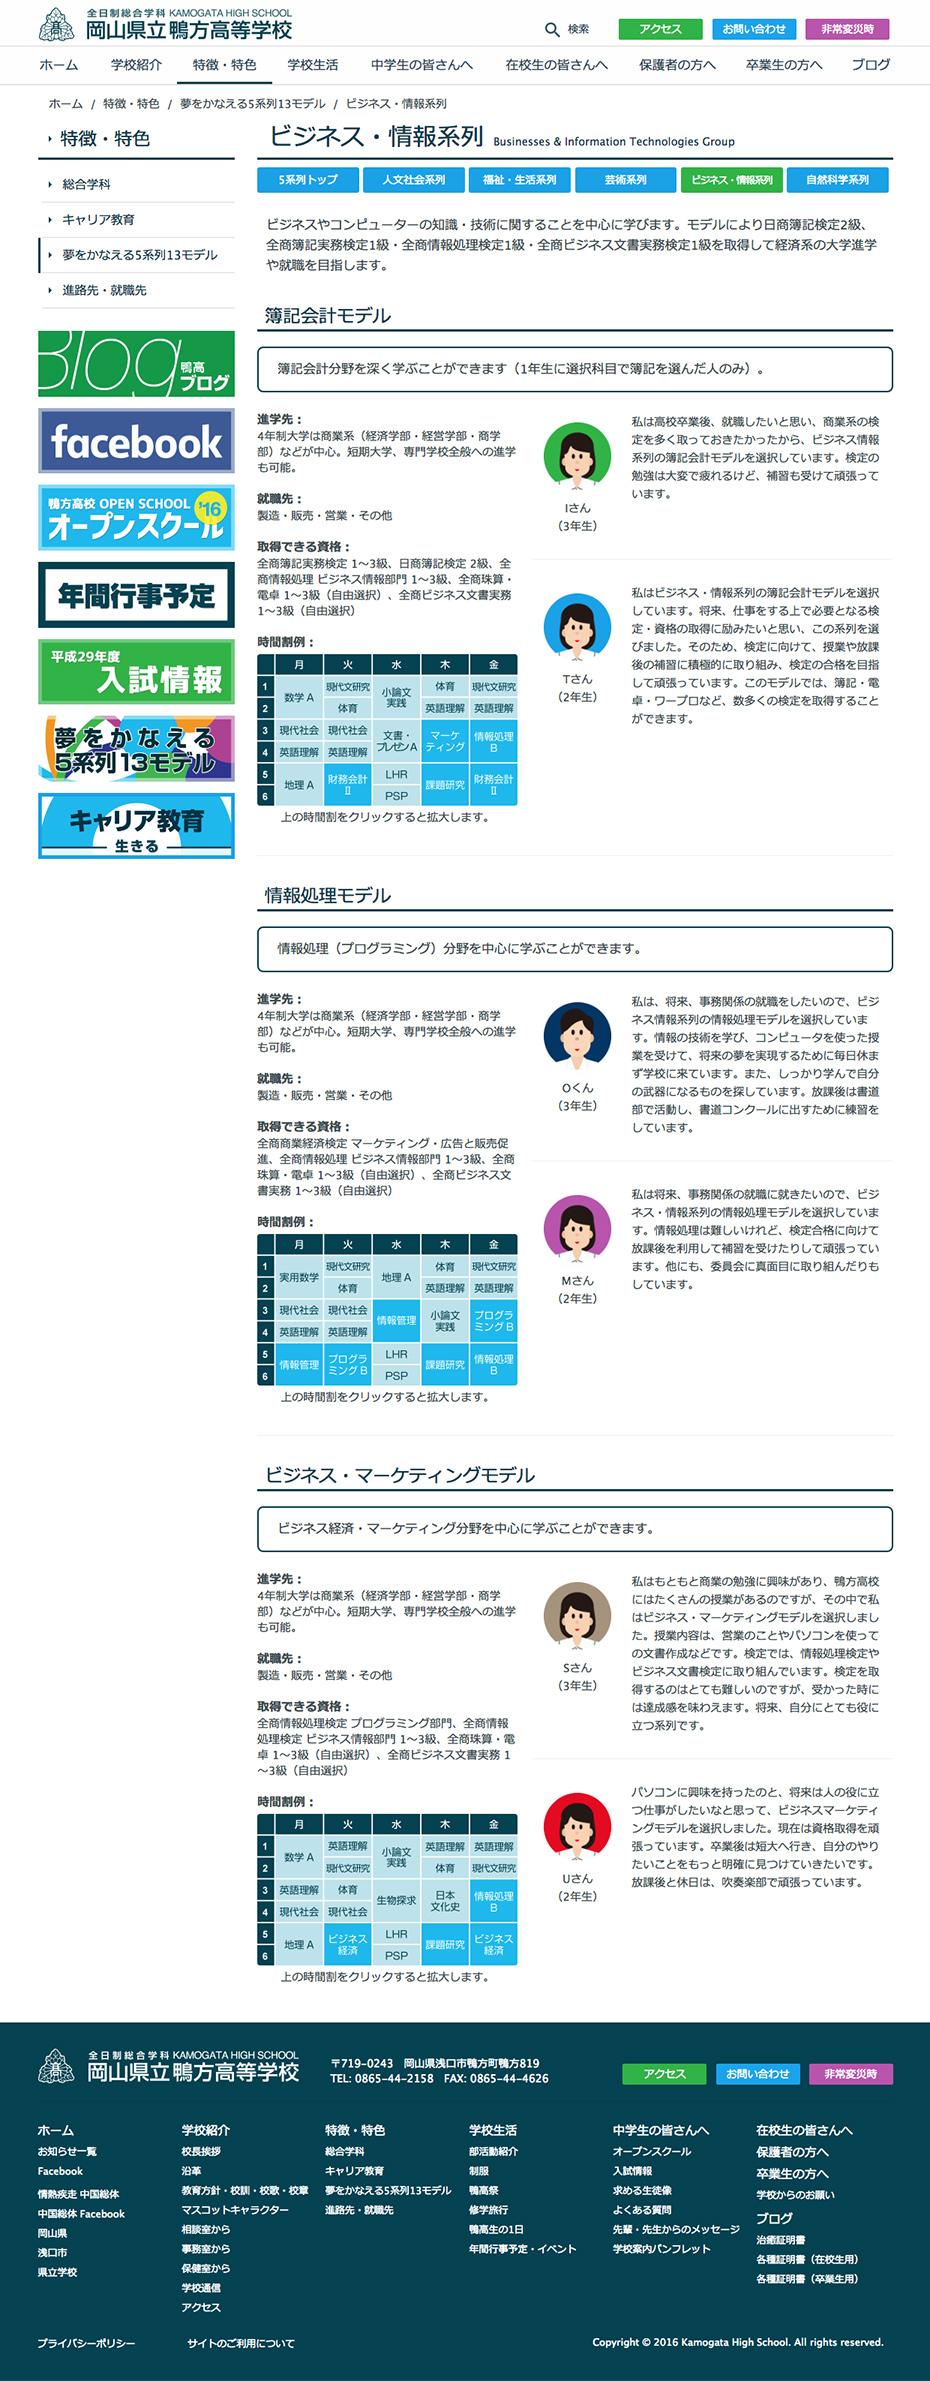 岡山県立鴨方高等学校様 ホームページ ビジネス・情報系列